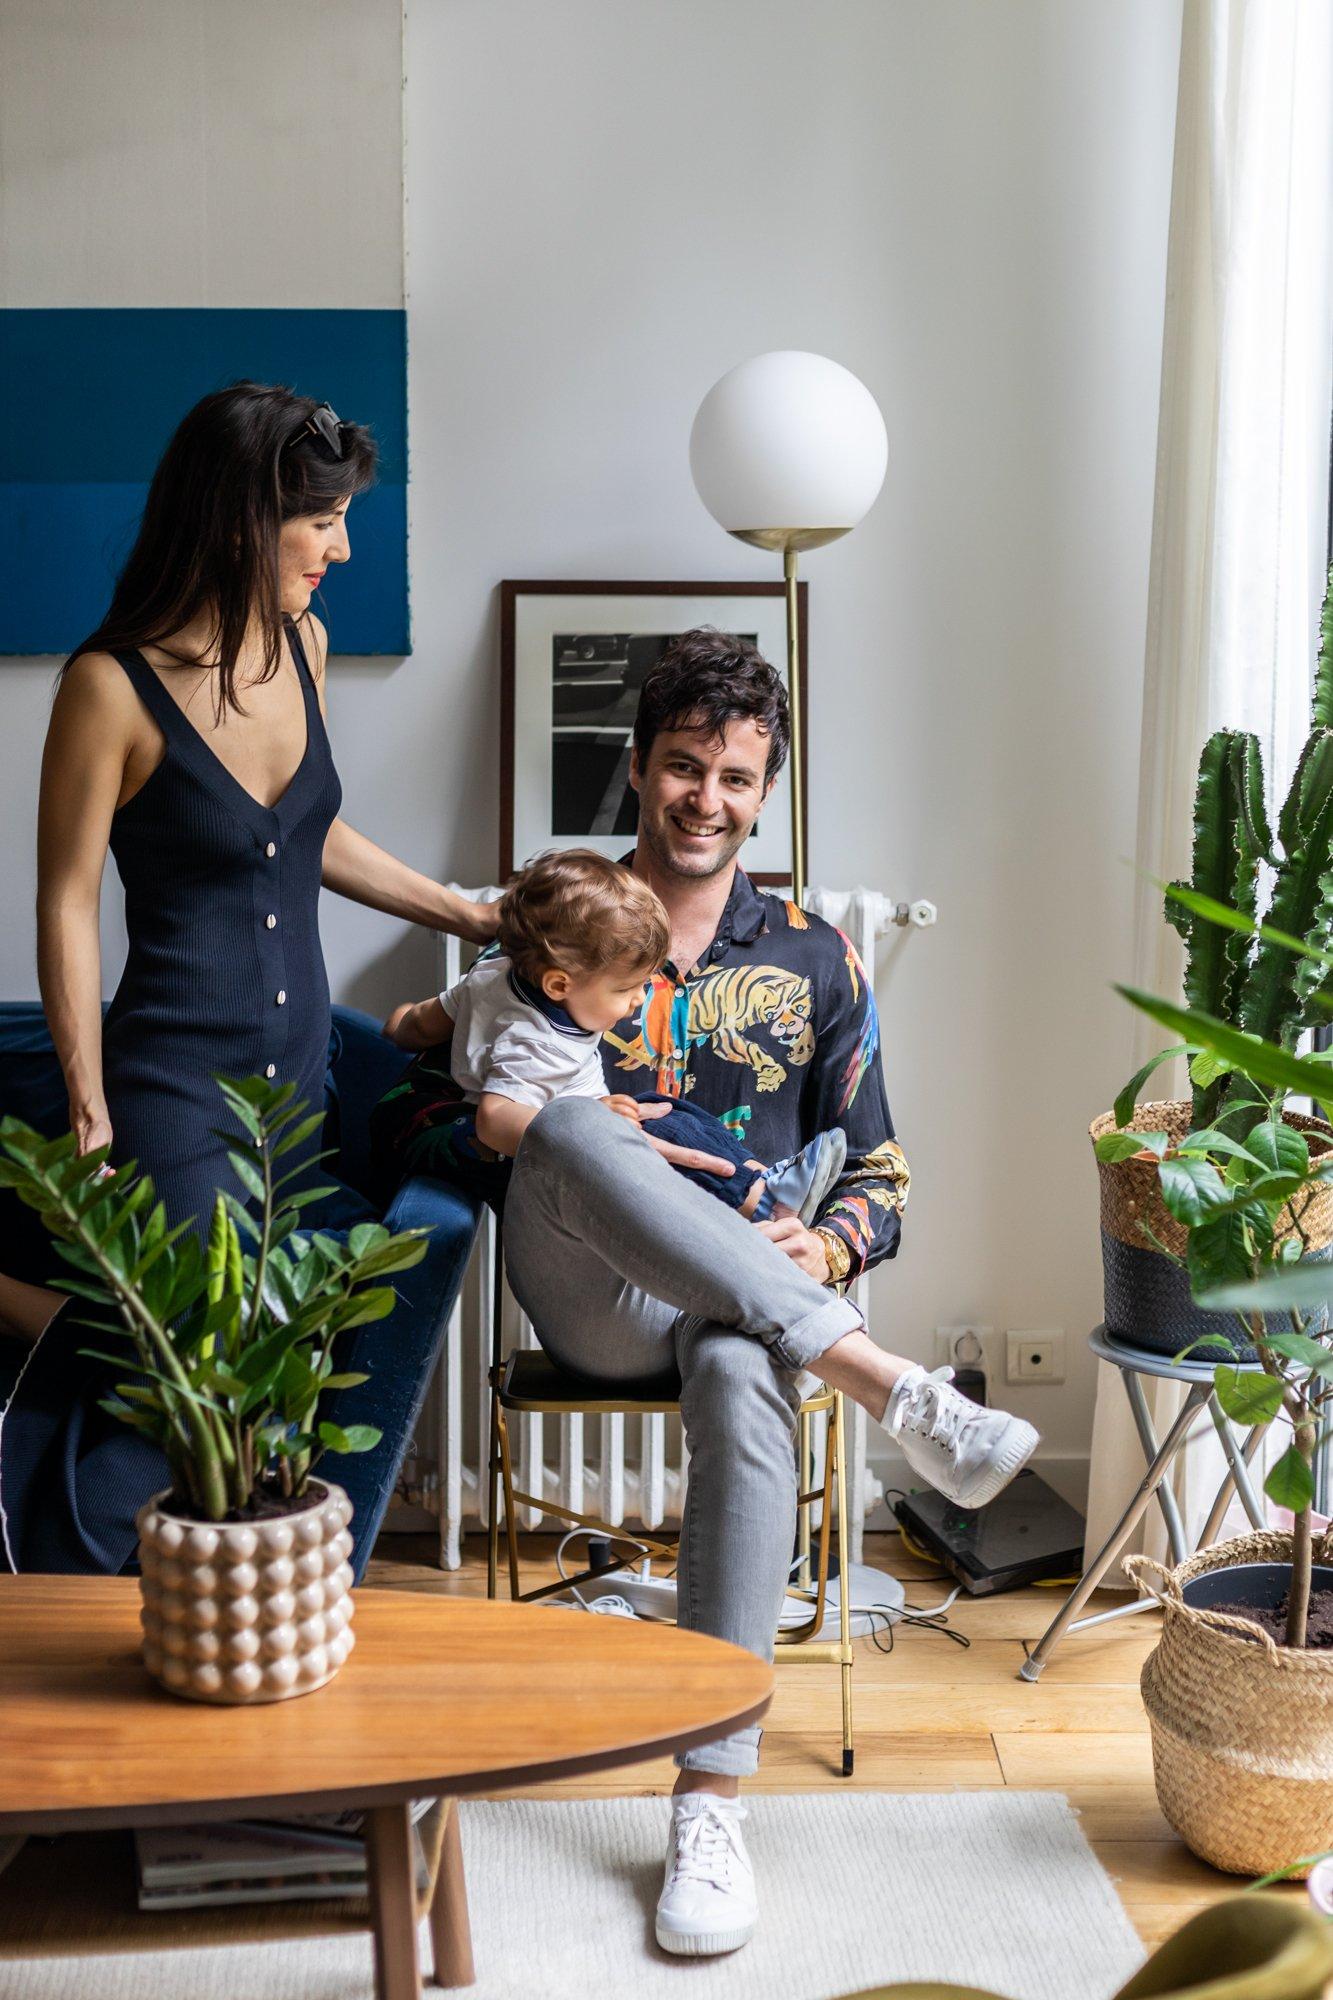 Chloé Siegmann and Alexandre Grynszpan, <br> Côme 1 year old